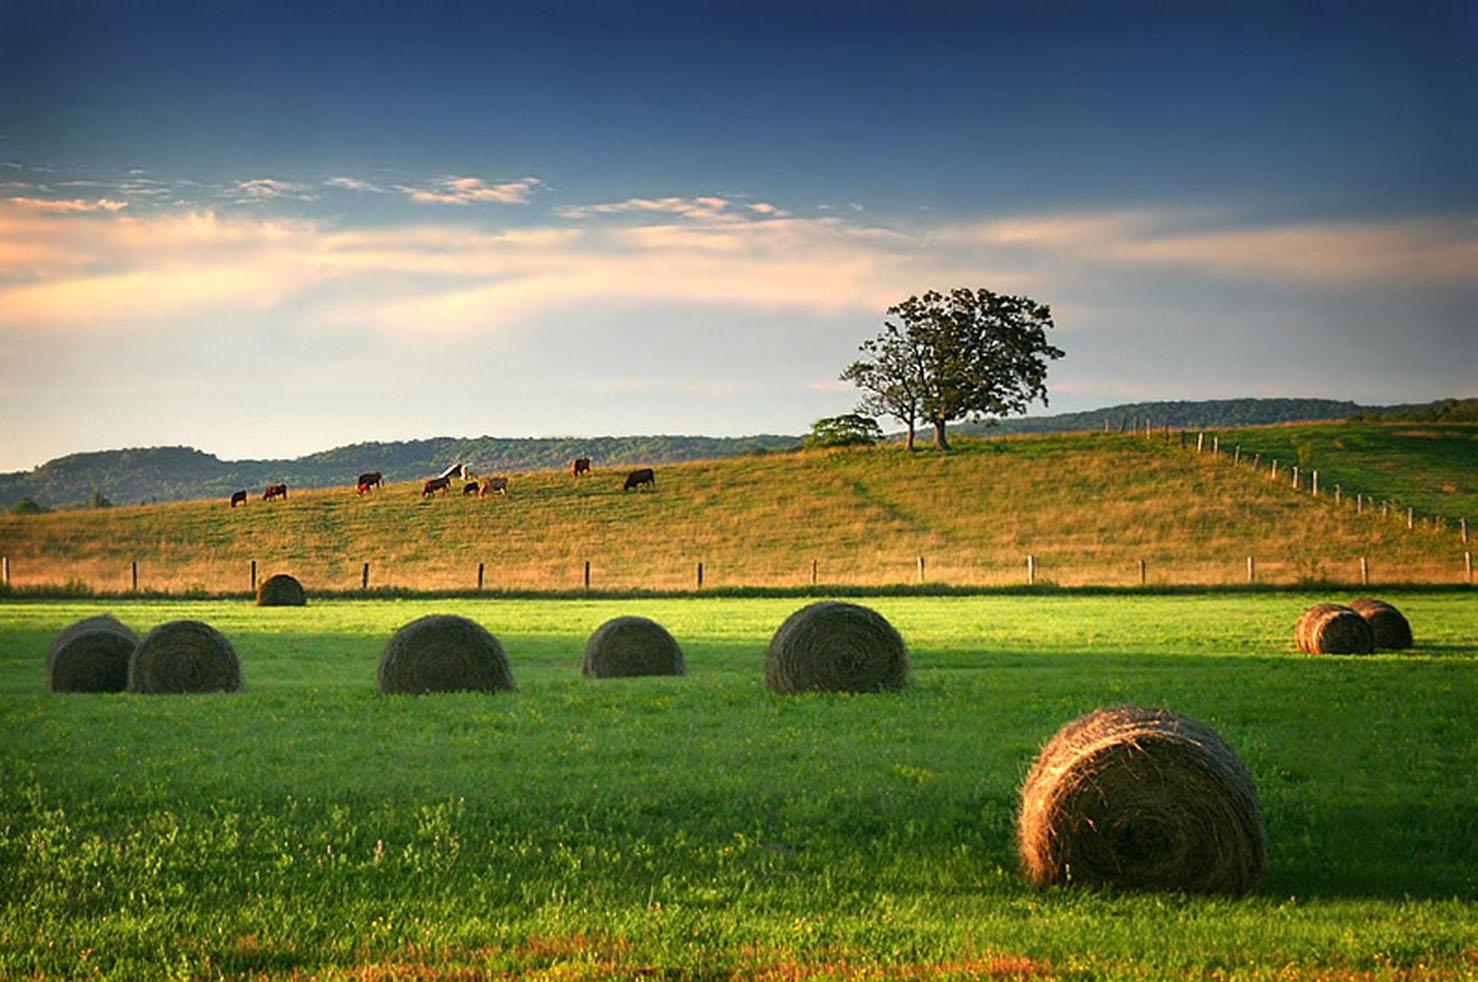 image Una paja en el campo al aire